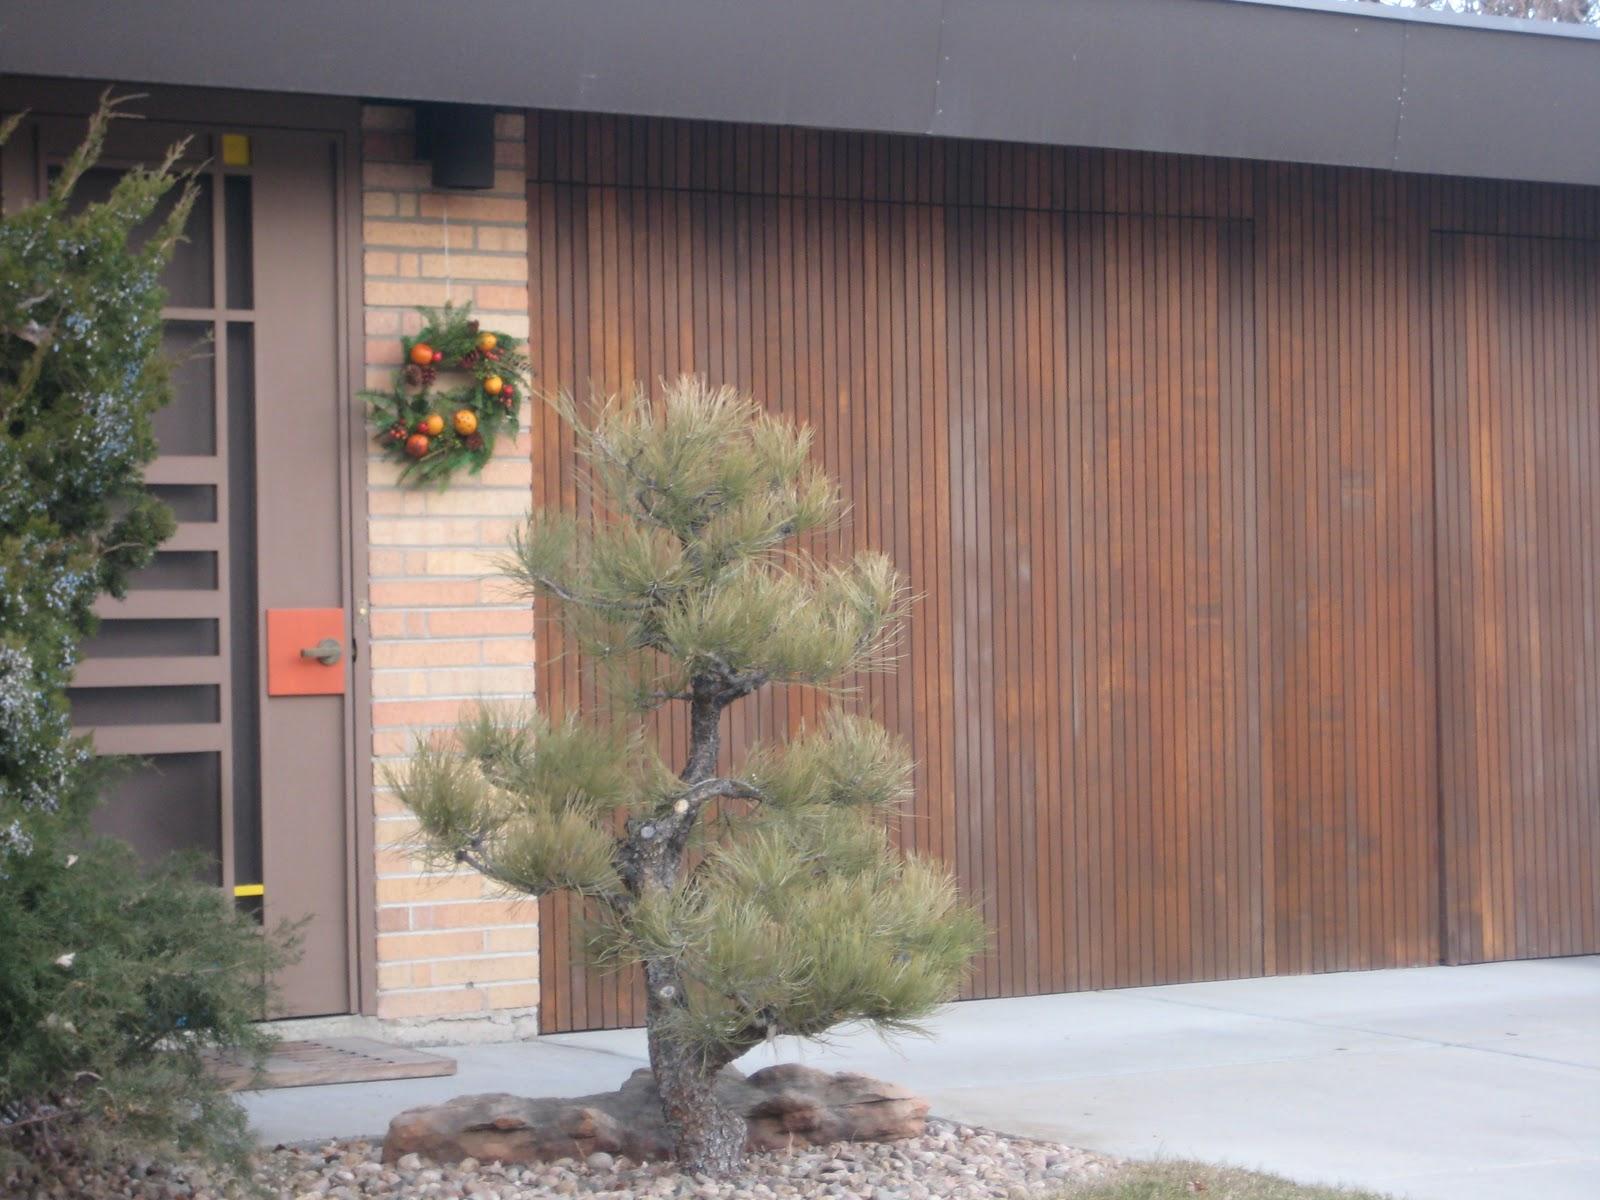 1200 #856446 Garage Doors On Pinterest Modern Garage Doors Modern Garage And  save image Google Garage Doors 36371600